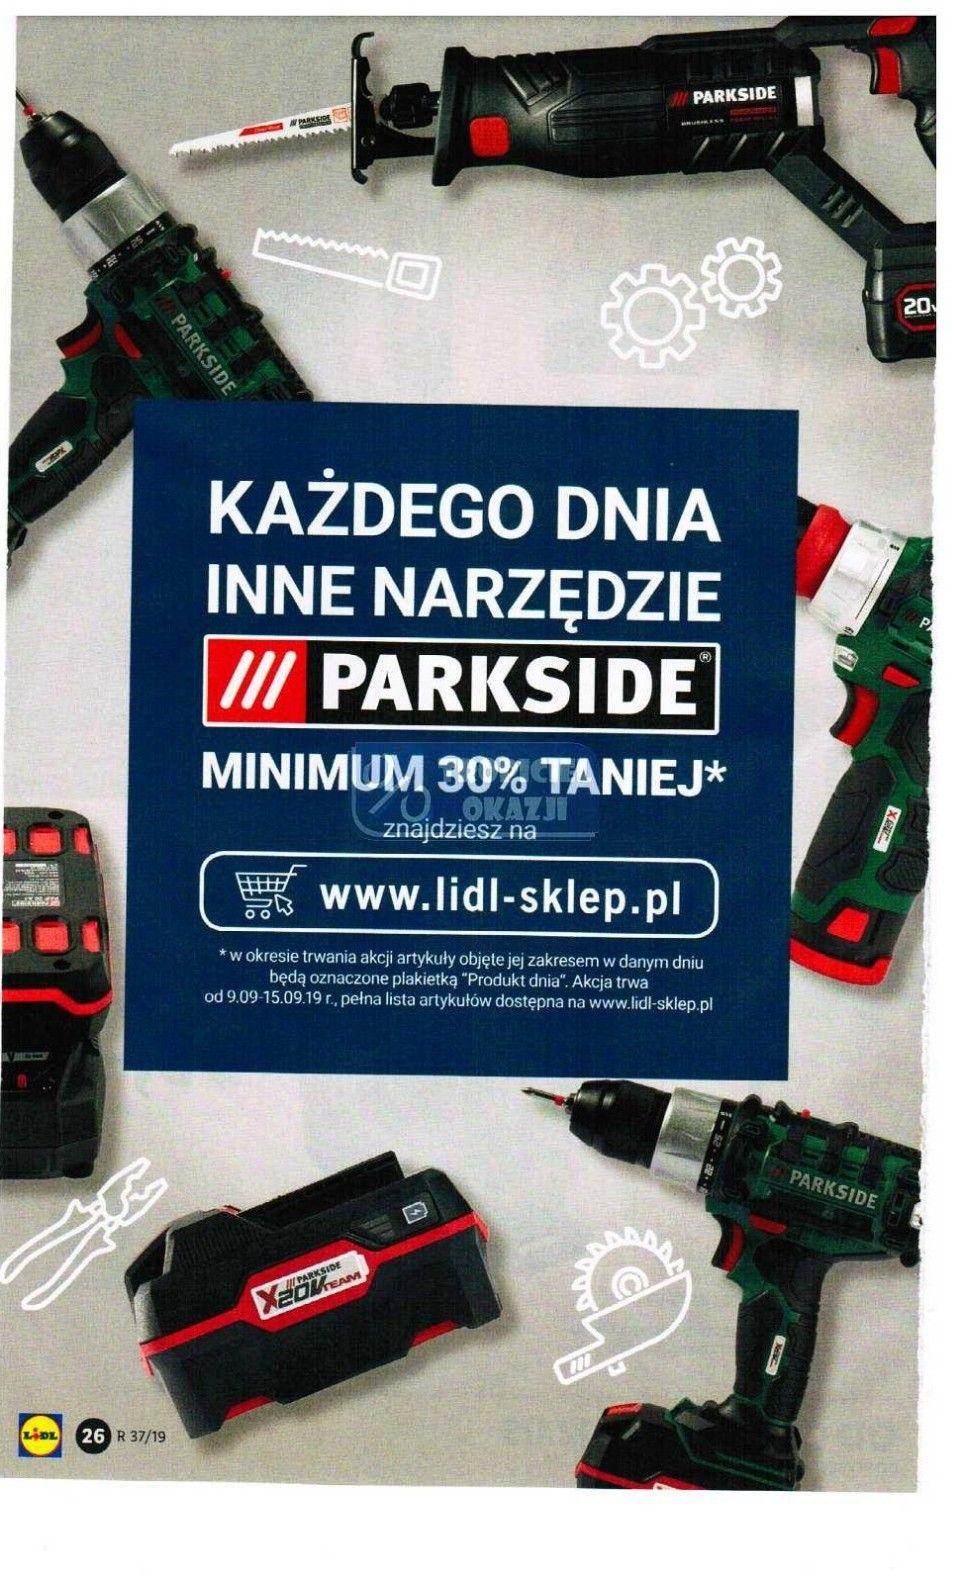 Narzędzia ParkSide w Lidlu min. 30% taniej